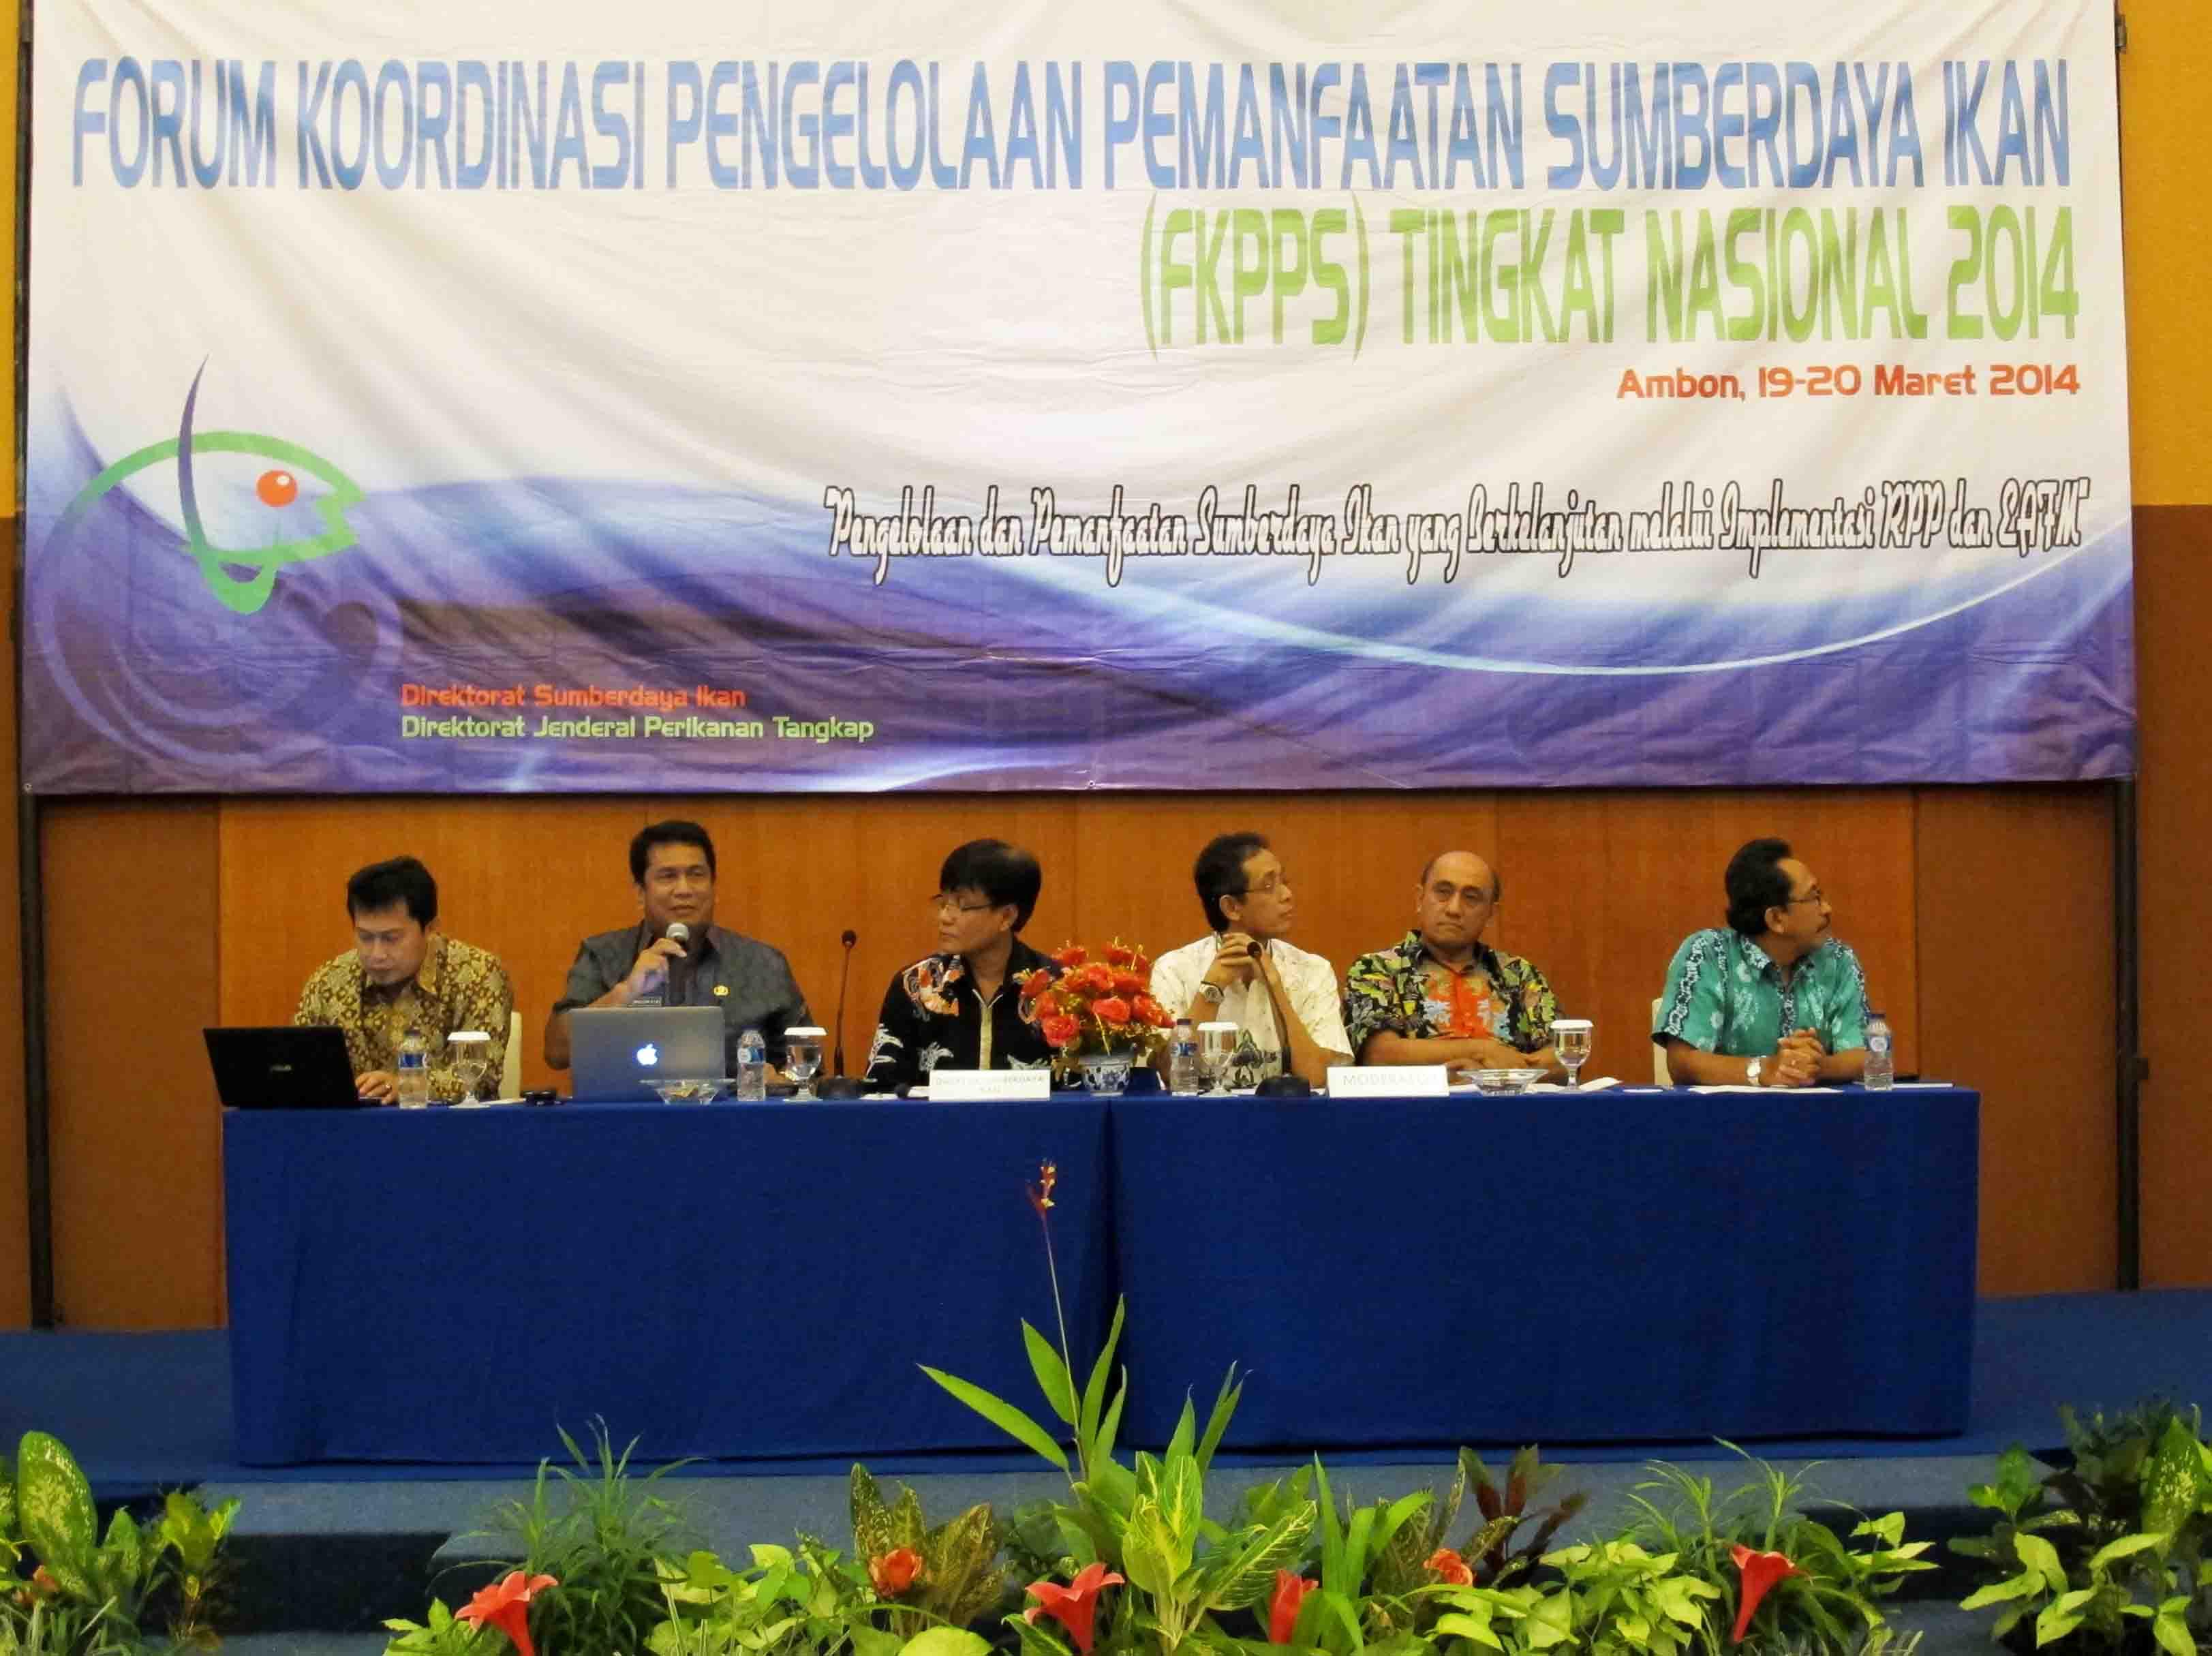 Forum Koordinasi Pengelolaan dan Pemanfaatan Sumber daya Ikan (FKPPS) Nasional